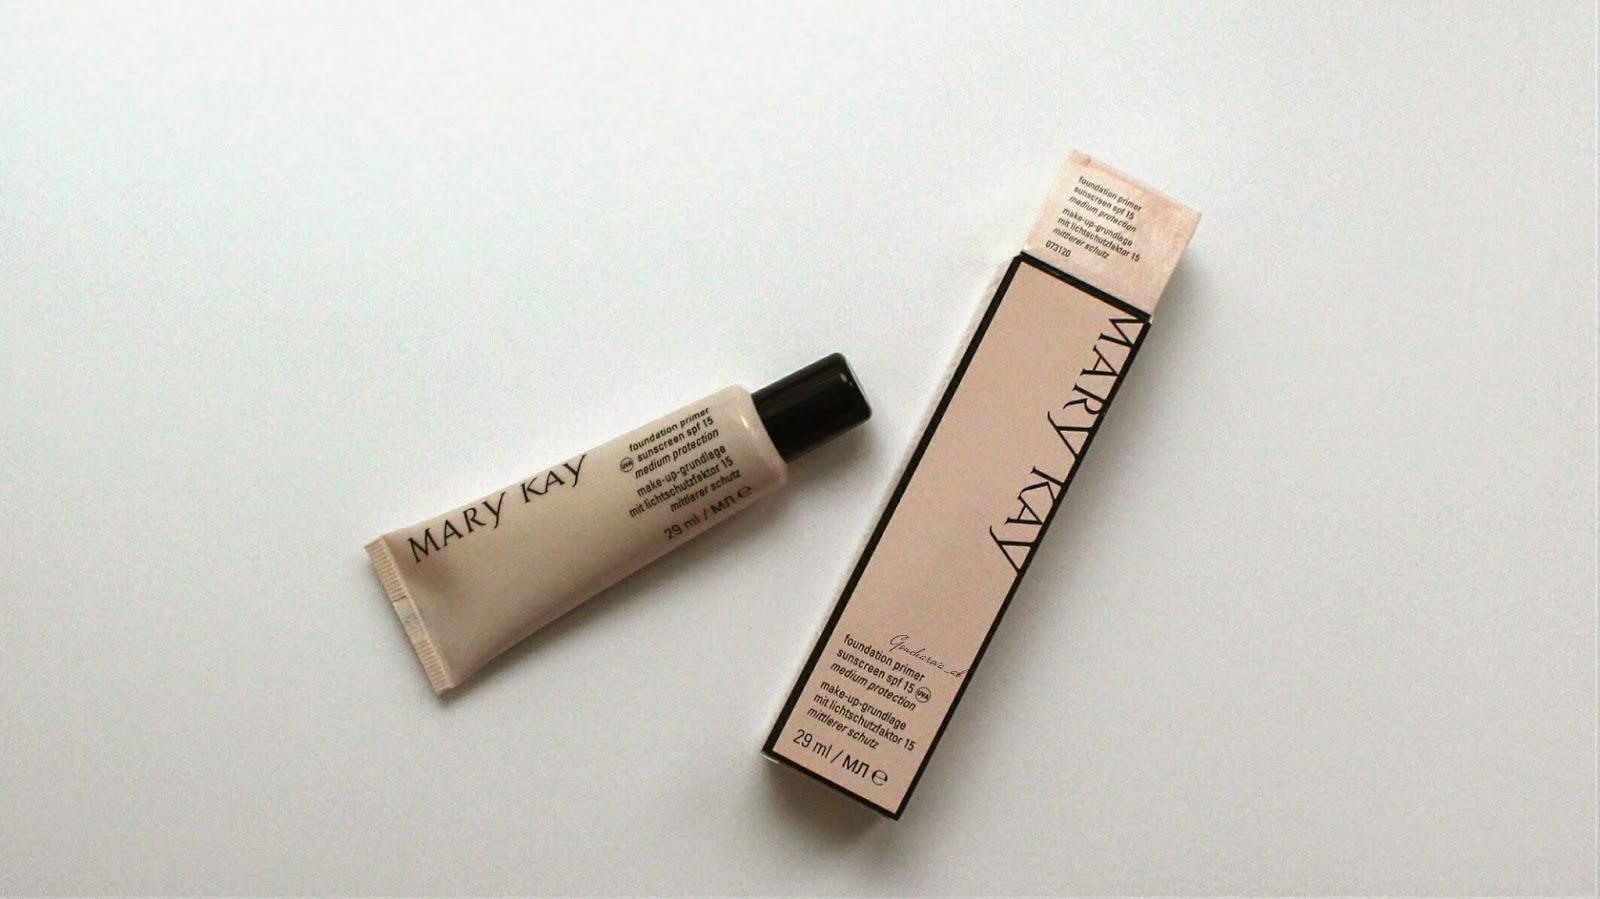 Выравнивающая основа для макияжа мери кей